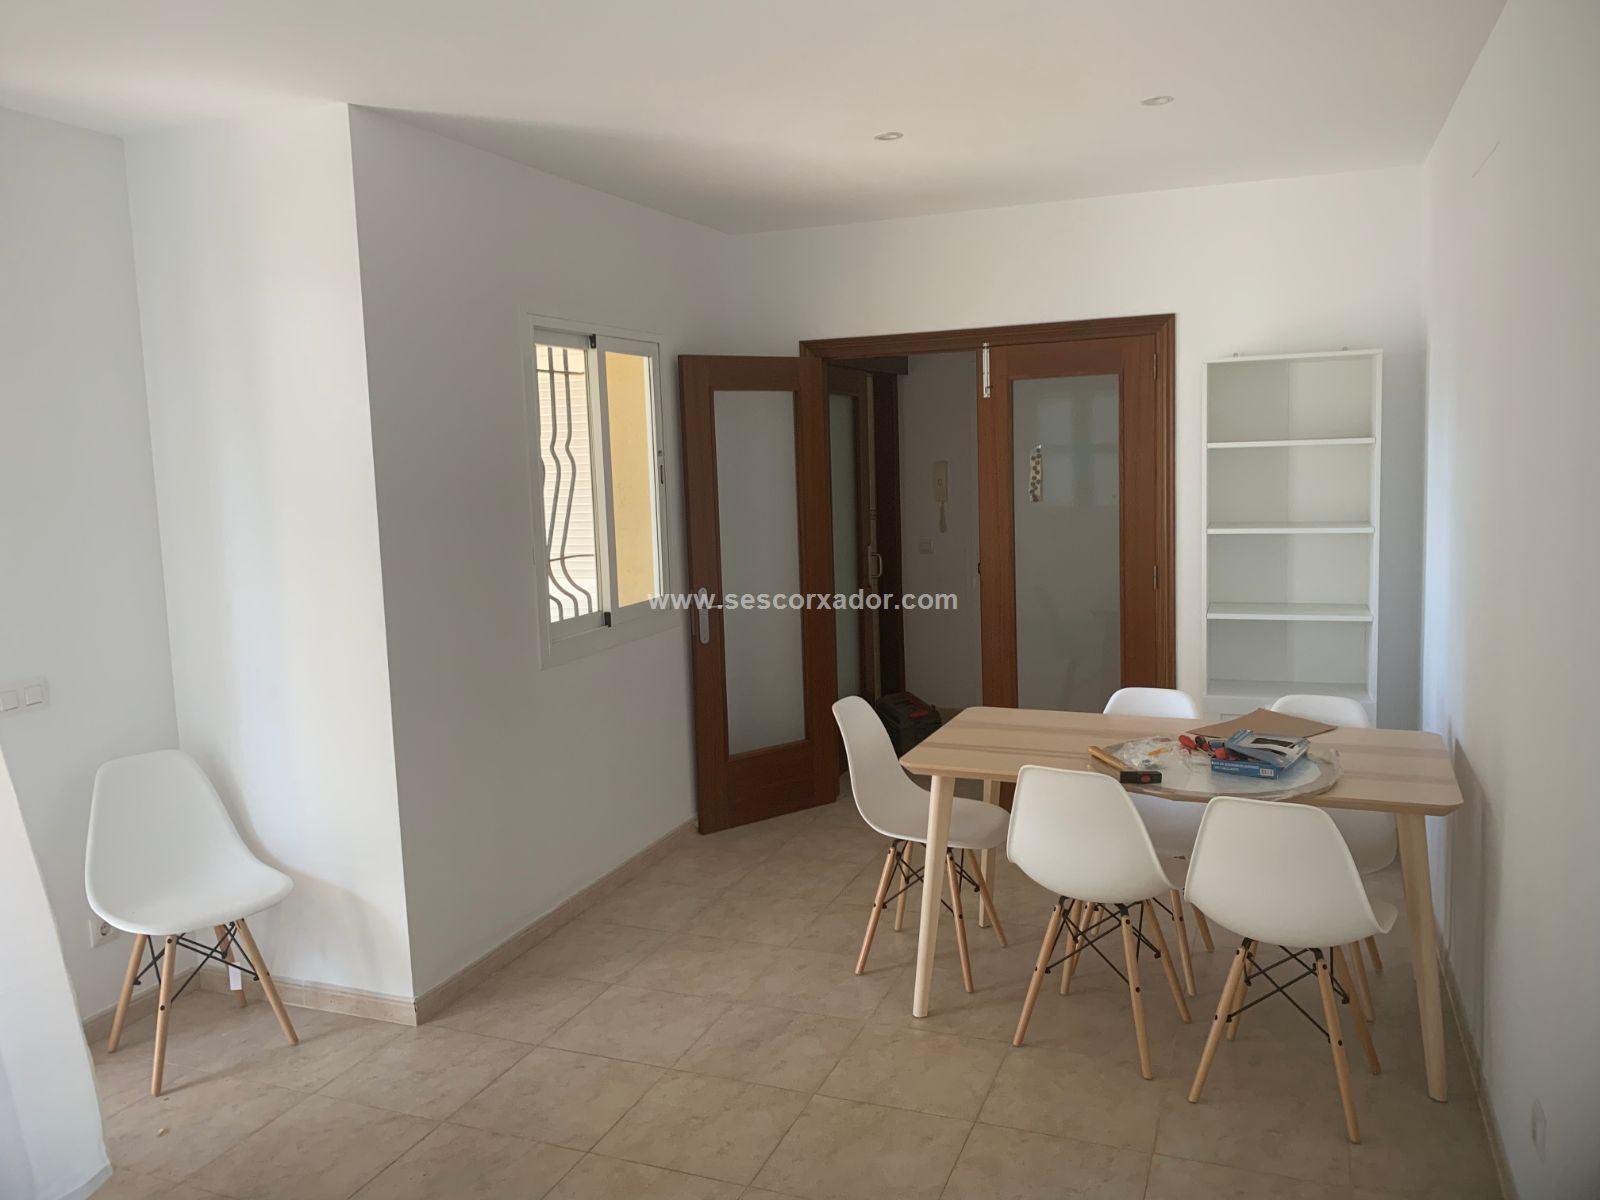 Affitto Appartamento  Calle cabrera, s/n. Atractiva y especial plata baja cerca del mar.